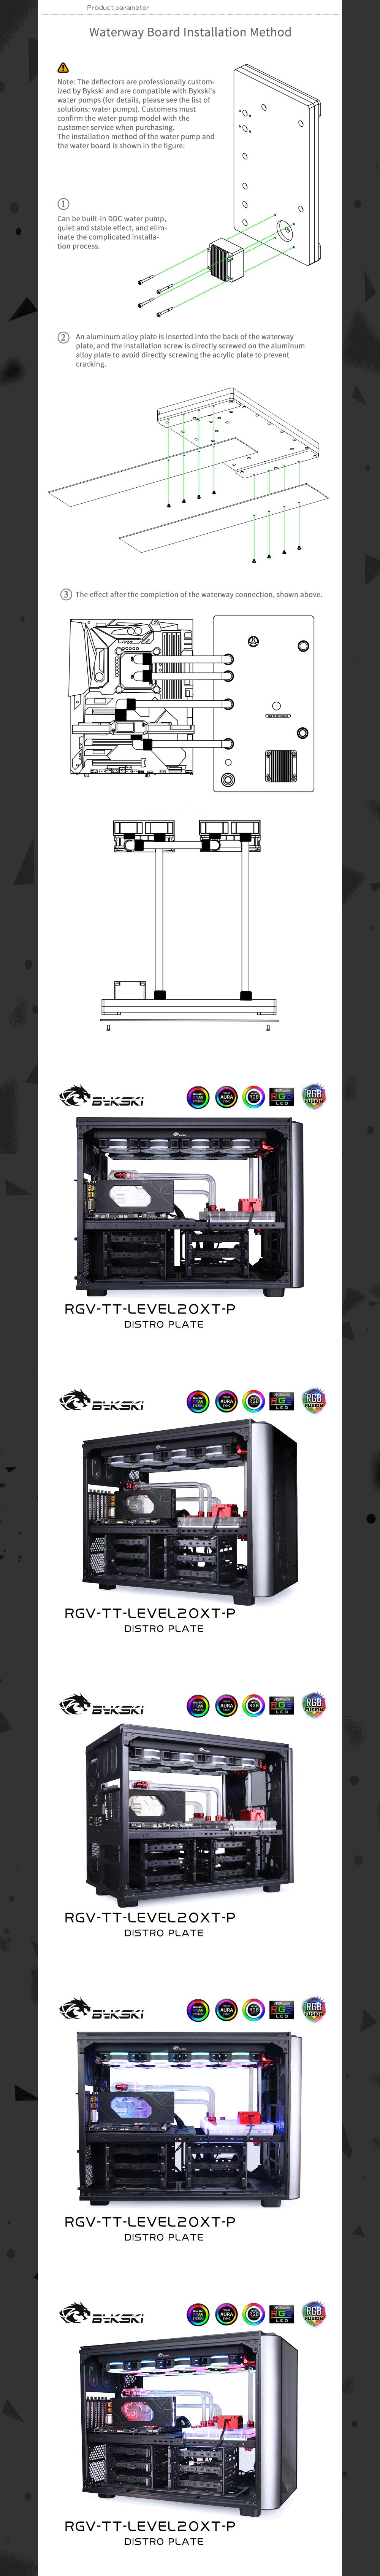 Bykski Waterway Cooling Kit For TT LEVEL20 XT Case, 5V ARGB, For Single GPU Building, RGV-TT-LEVEL20XT-P